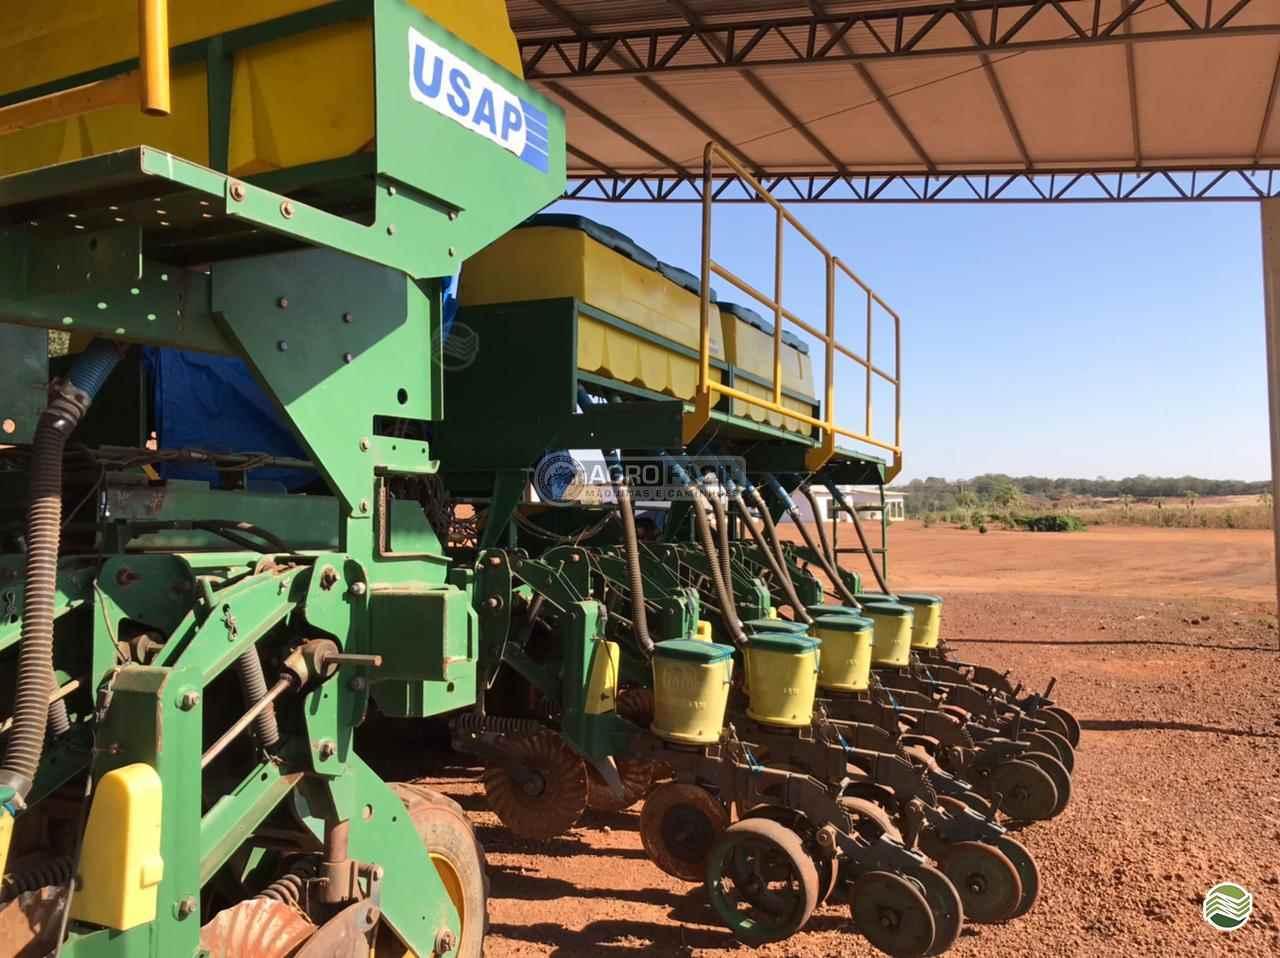 PLANTADEIRA TATU USAP Agro Fácil Máquinas PRIMAVERA DO LESTE MATO GROSSO MT